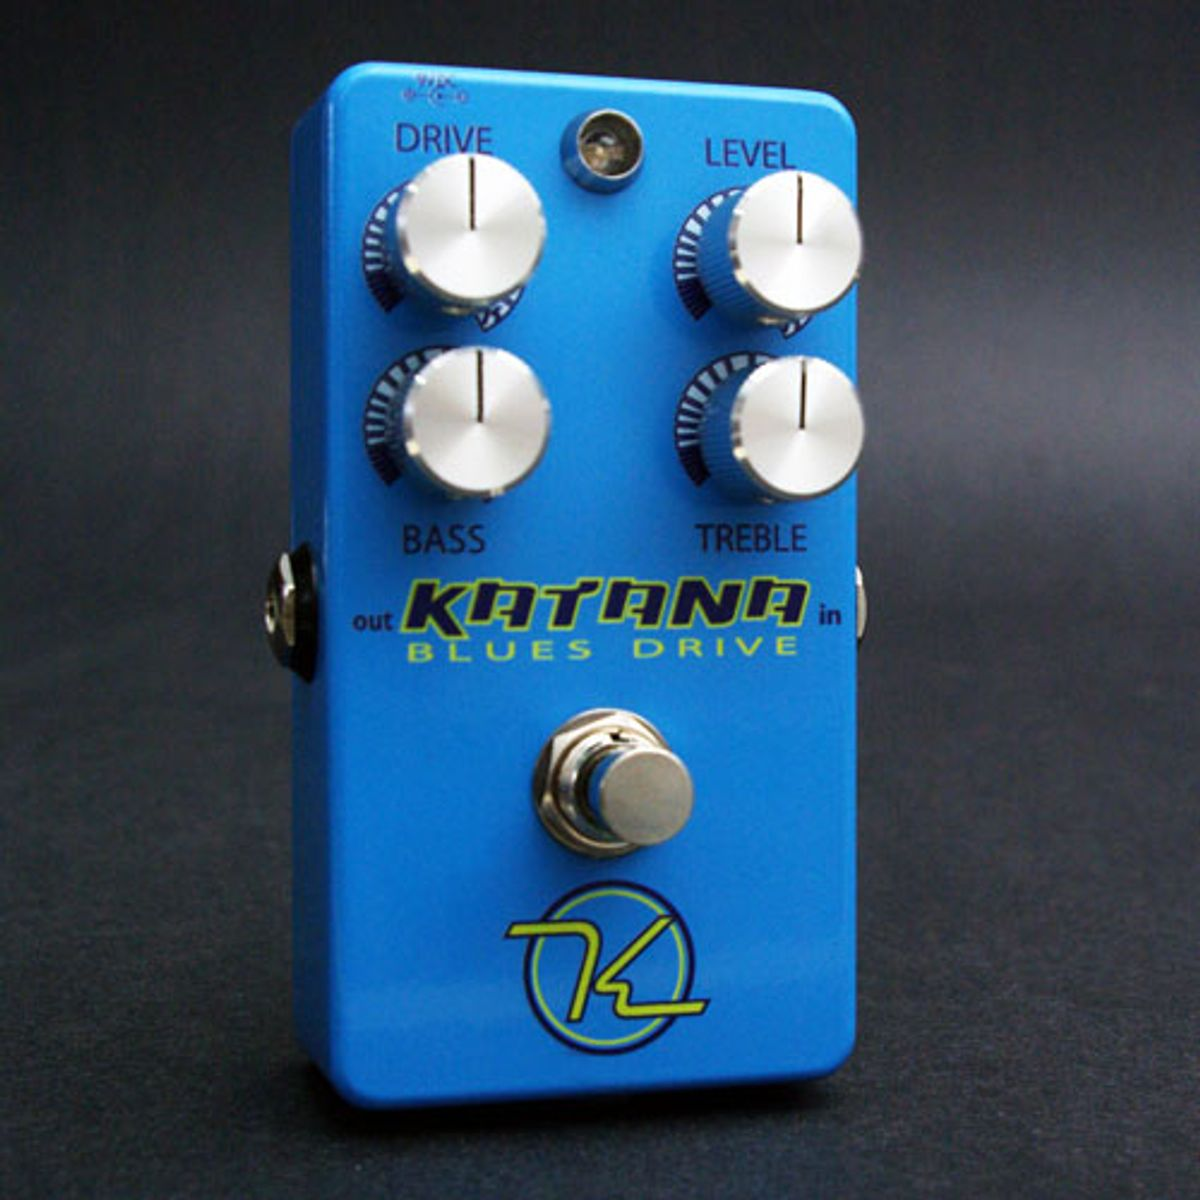 Keeley Electronics Releases the Katana Blues Drive